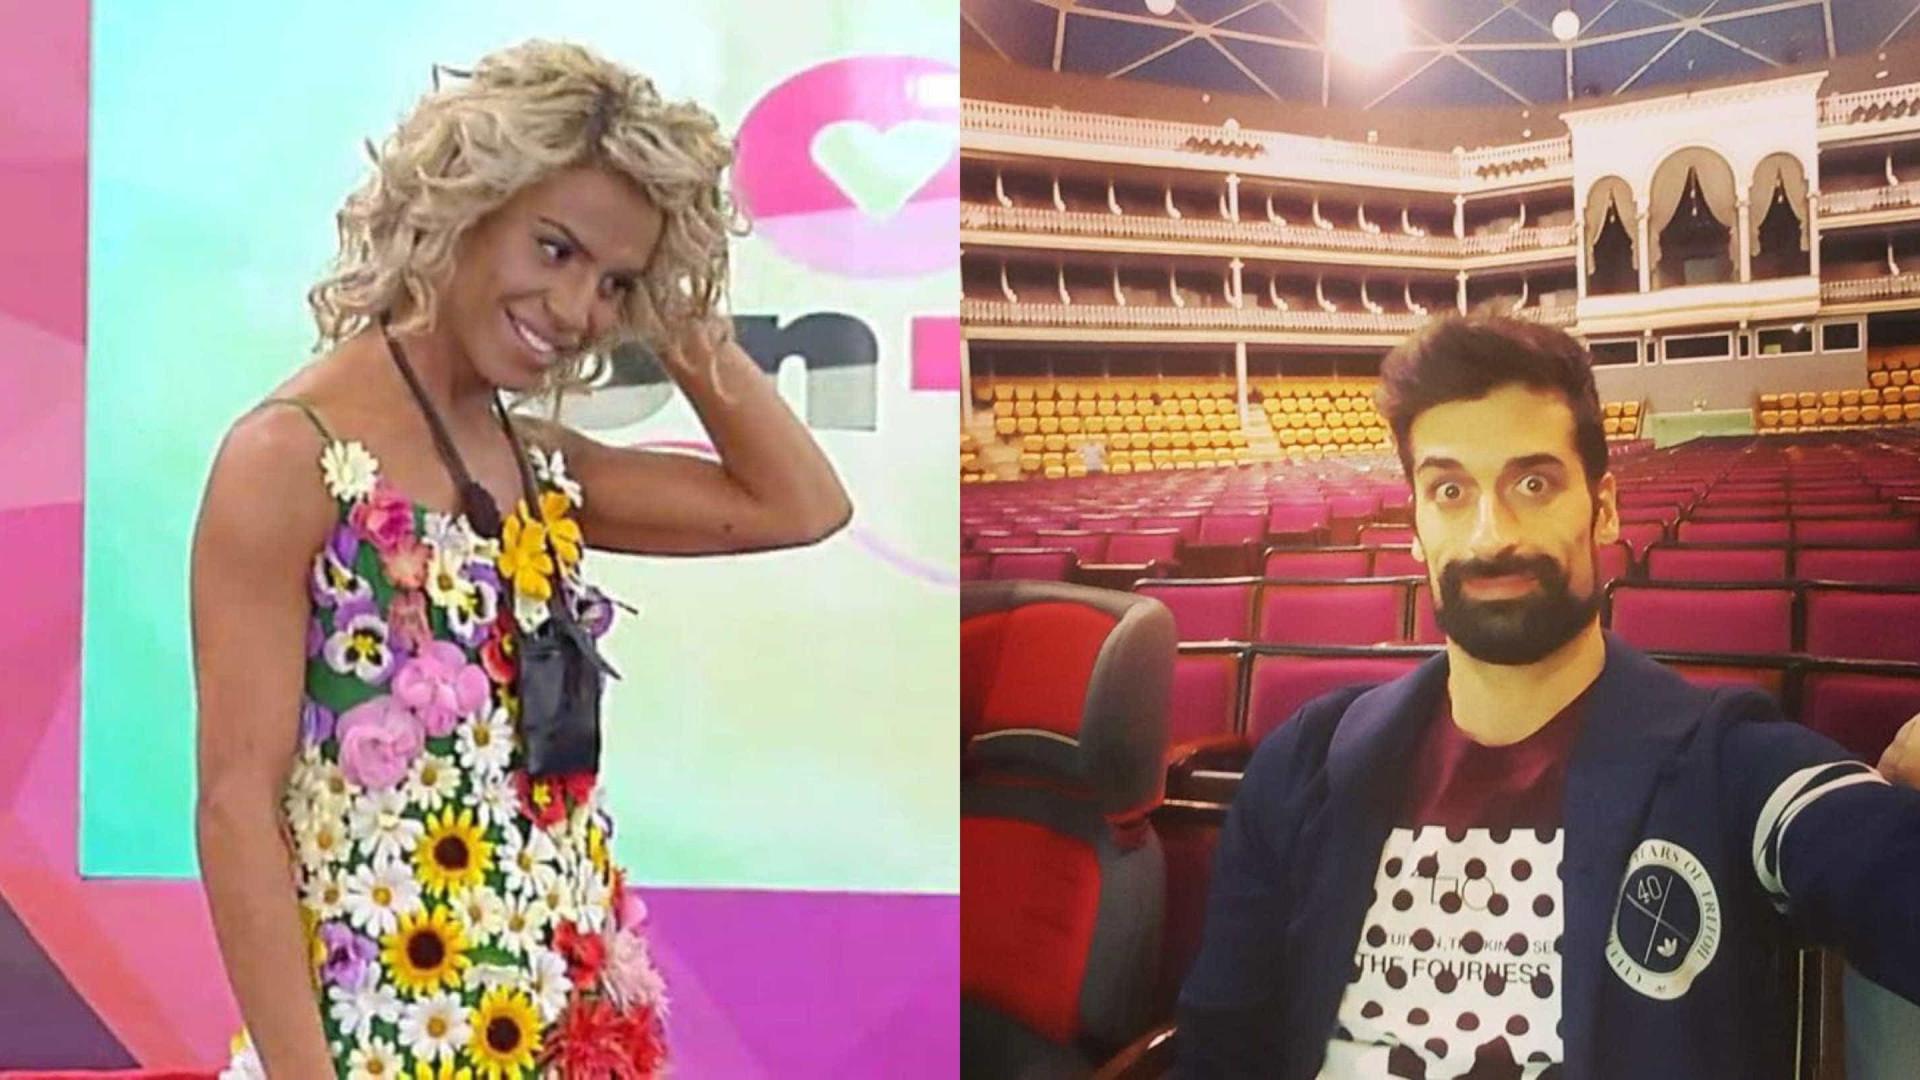 O que se passa entre Carlos Costa e Raminhos?